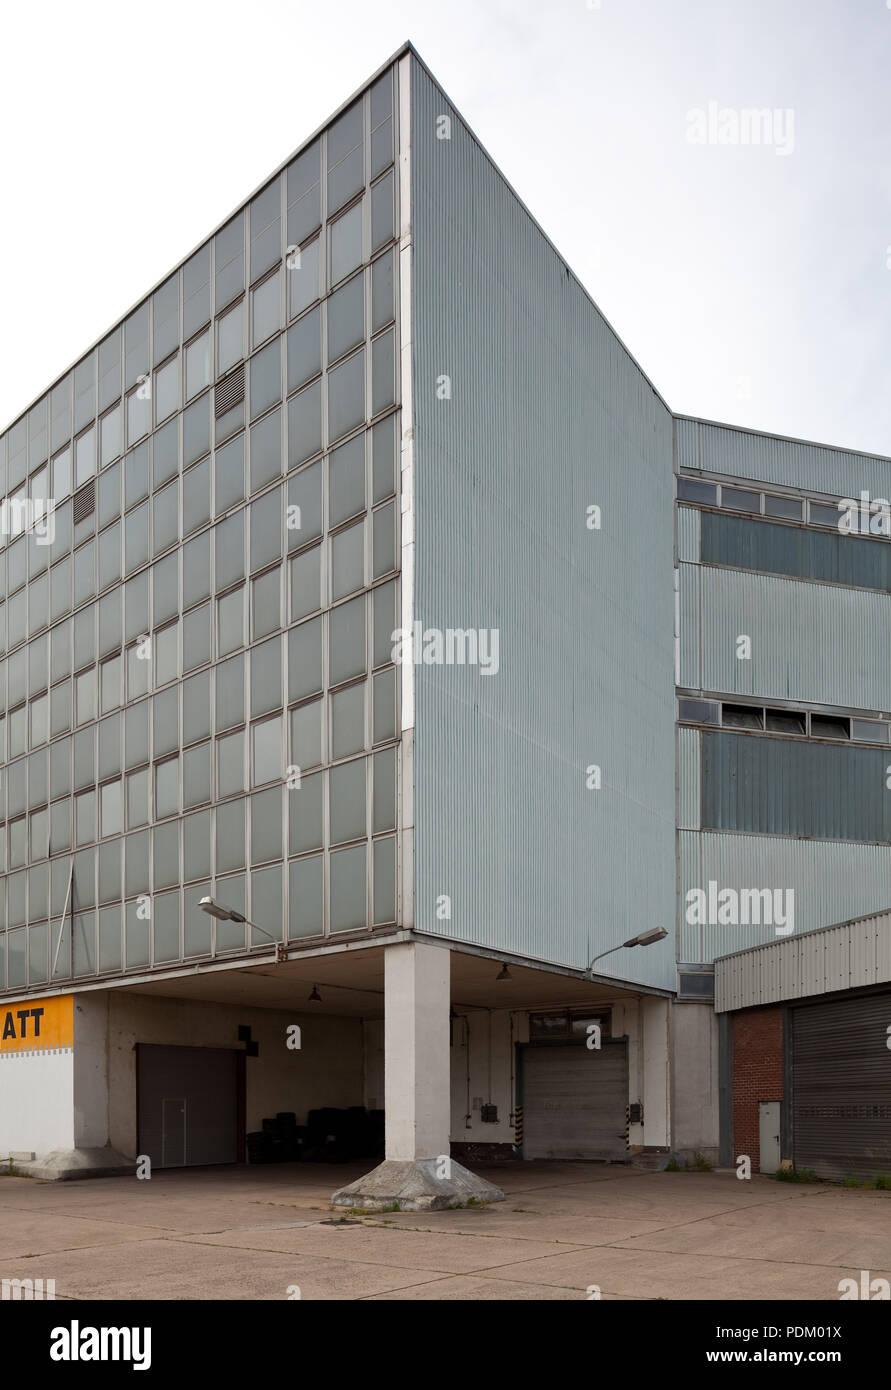 Dessau ehem Schultheiß-Brauerei Erbaut 1896-99 durch Karl Teichen stillgelegt 1994 teilweise neu genutzt Moderner Erweiterungsbau 1994 - Stock Image